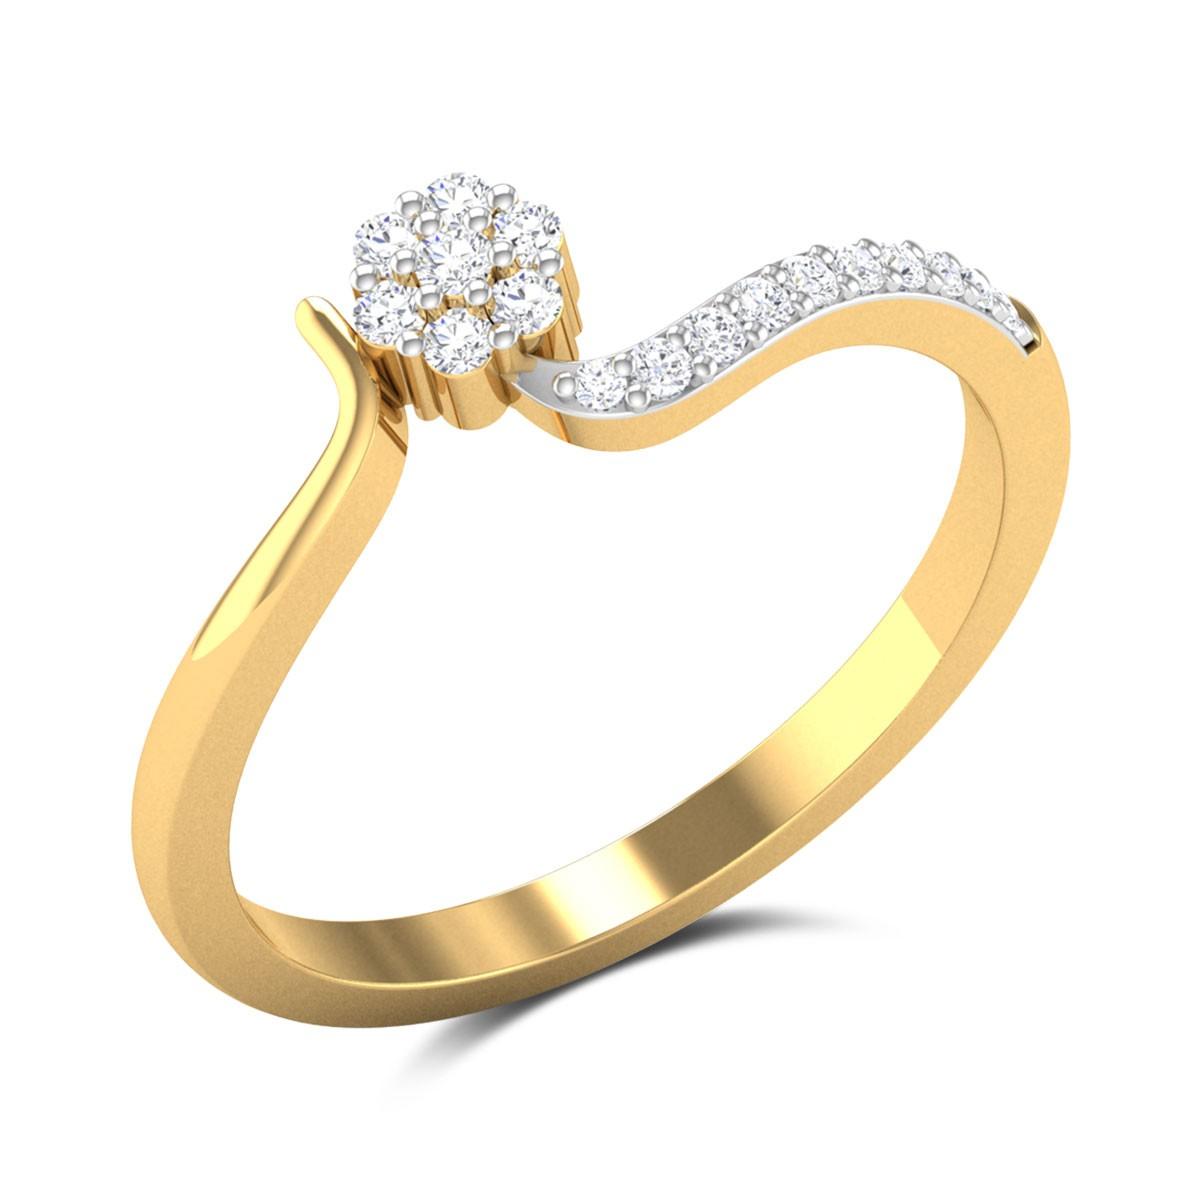 Amy Diamond Ring